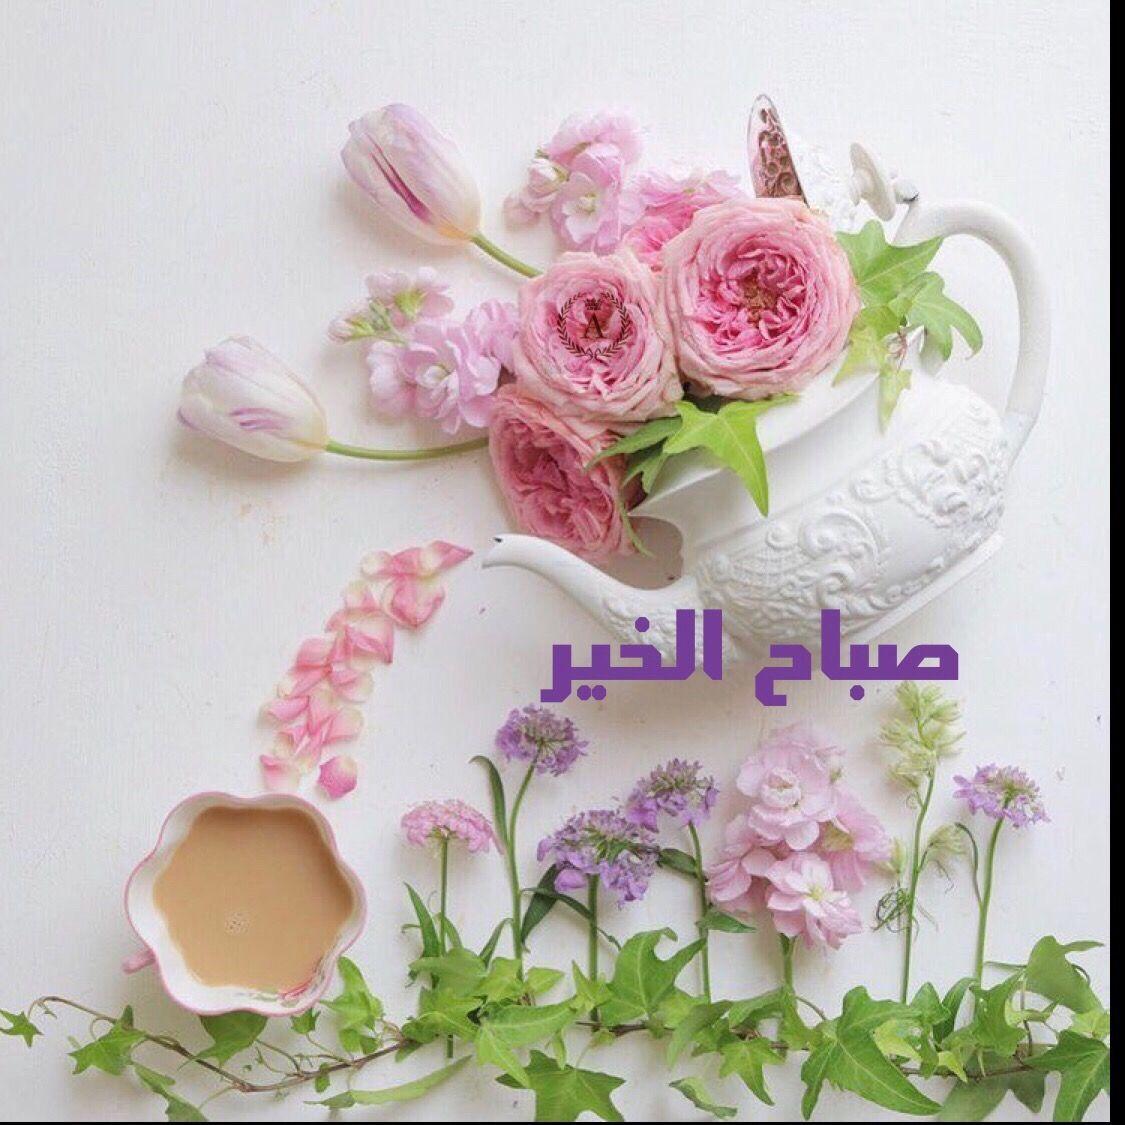 بالصور عبارات صباح الخير , جمل بسيطه تقال فى الصباح 4691